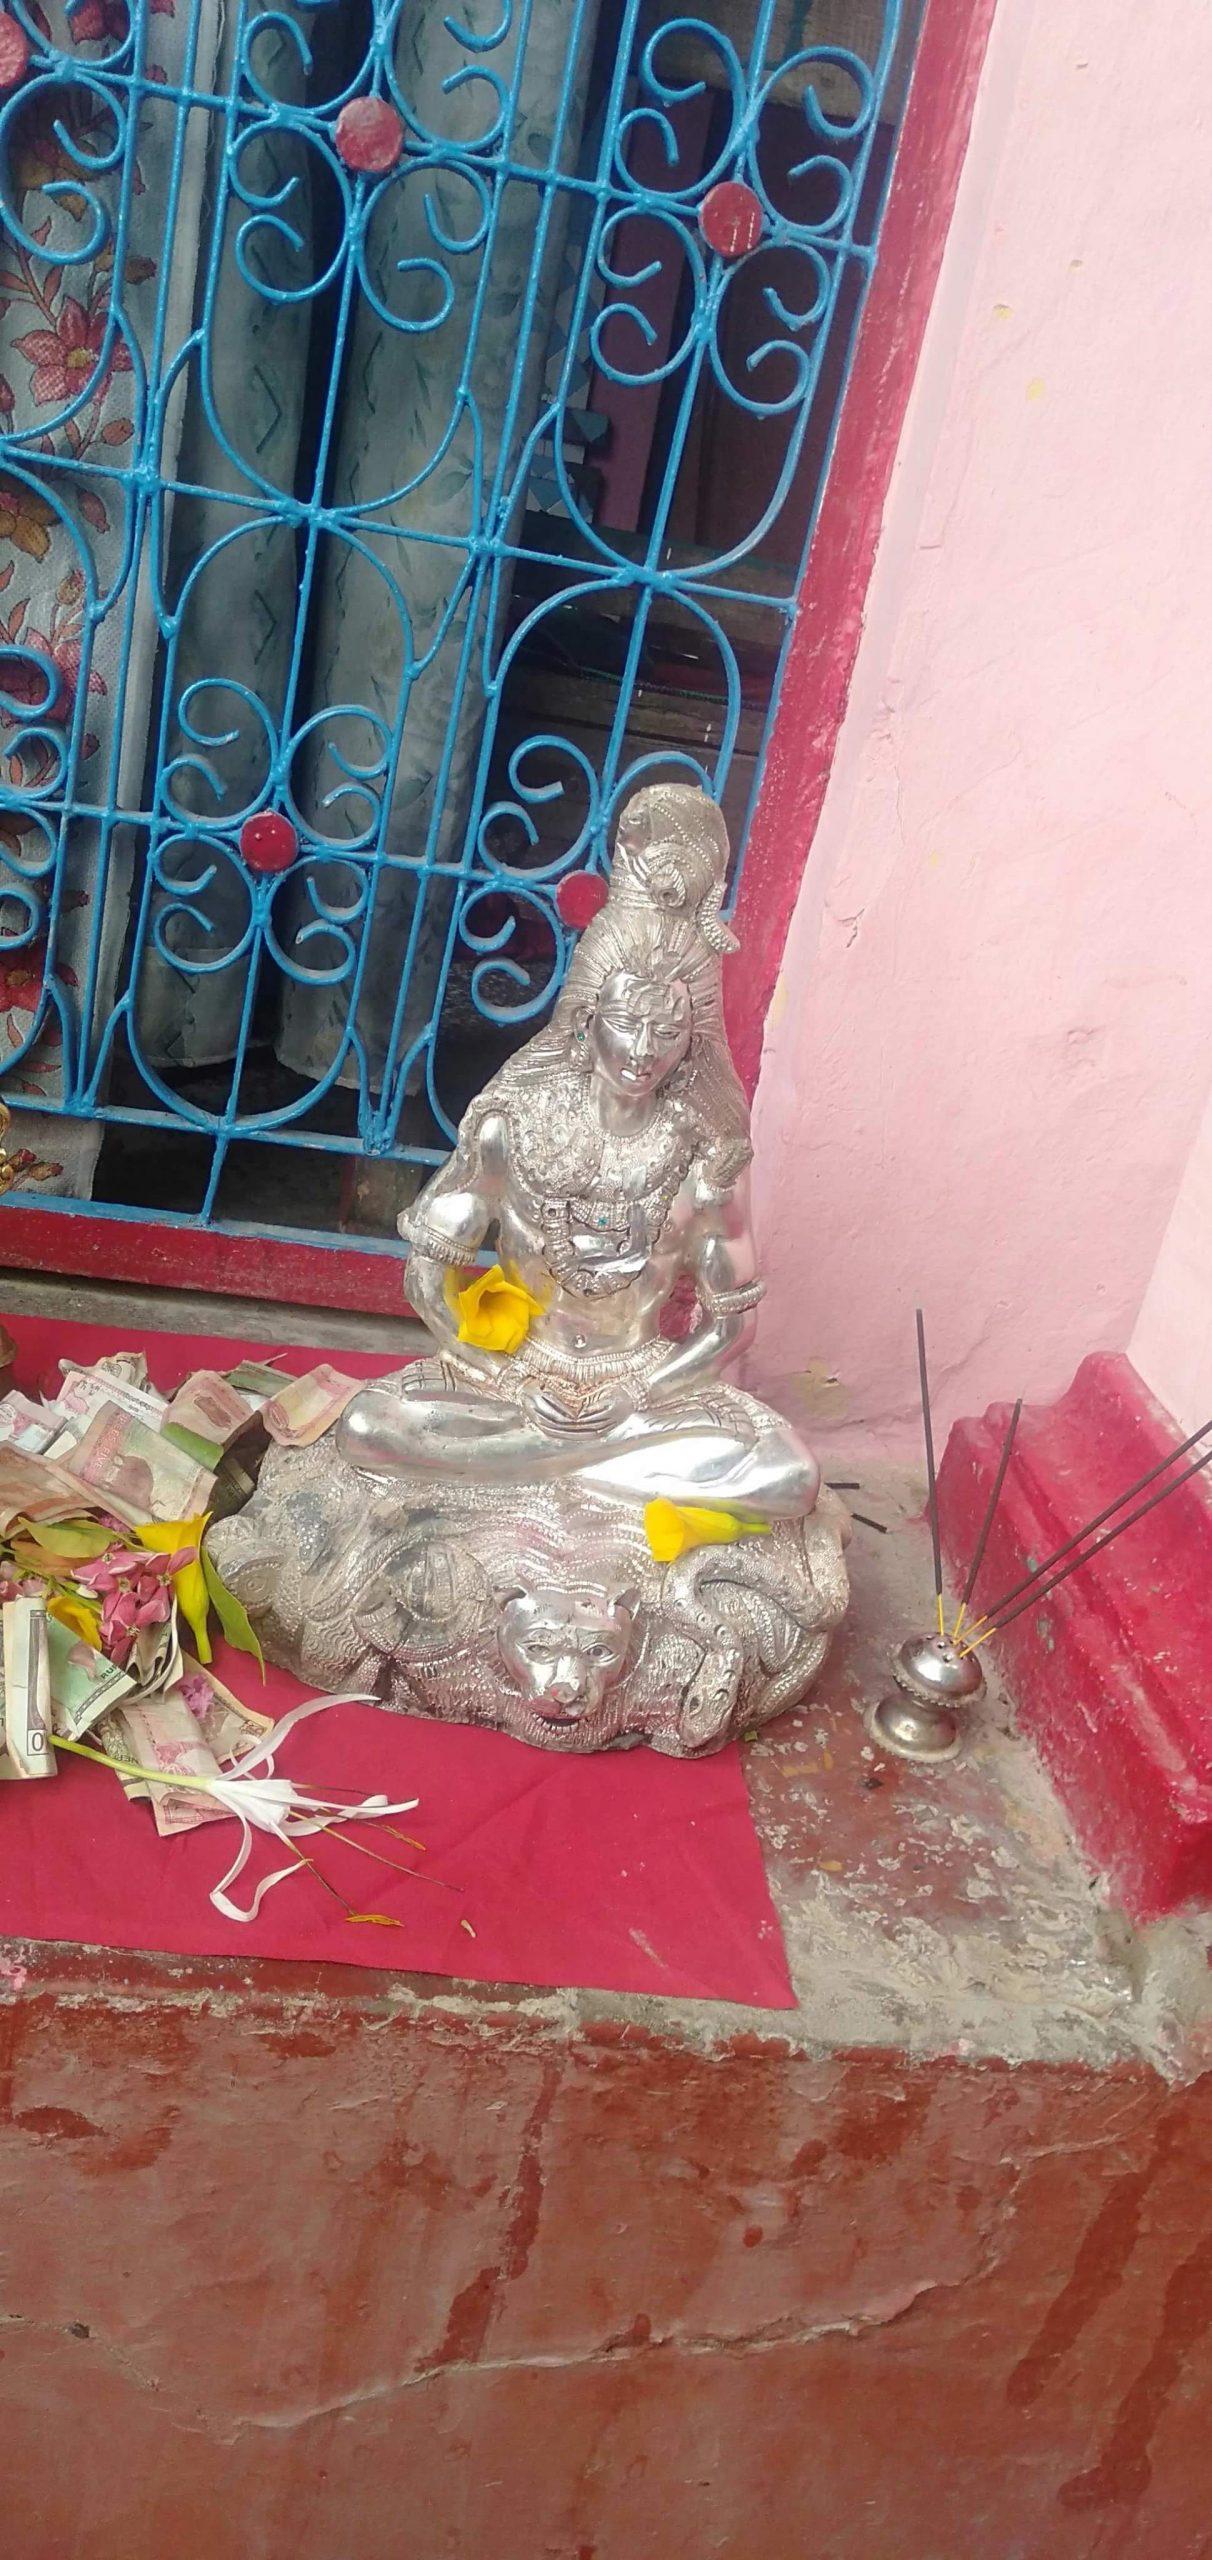 नेपालगन्जमा हजारौं बर्ष पुरानो शिबको चाँदी जस्तो मुर्ति भेटियो